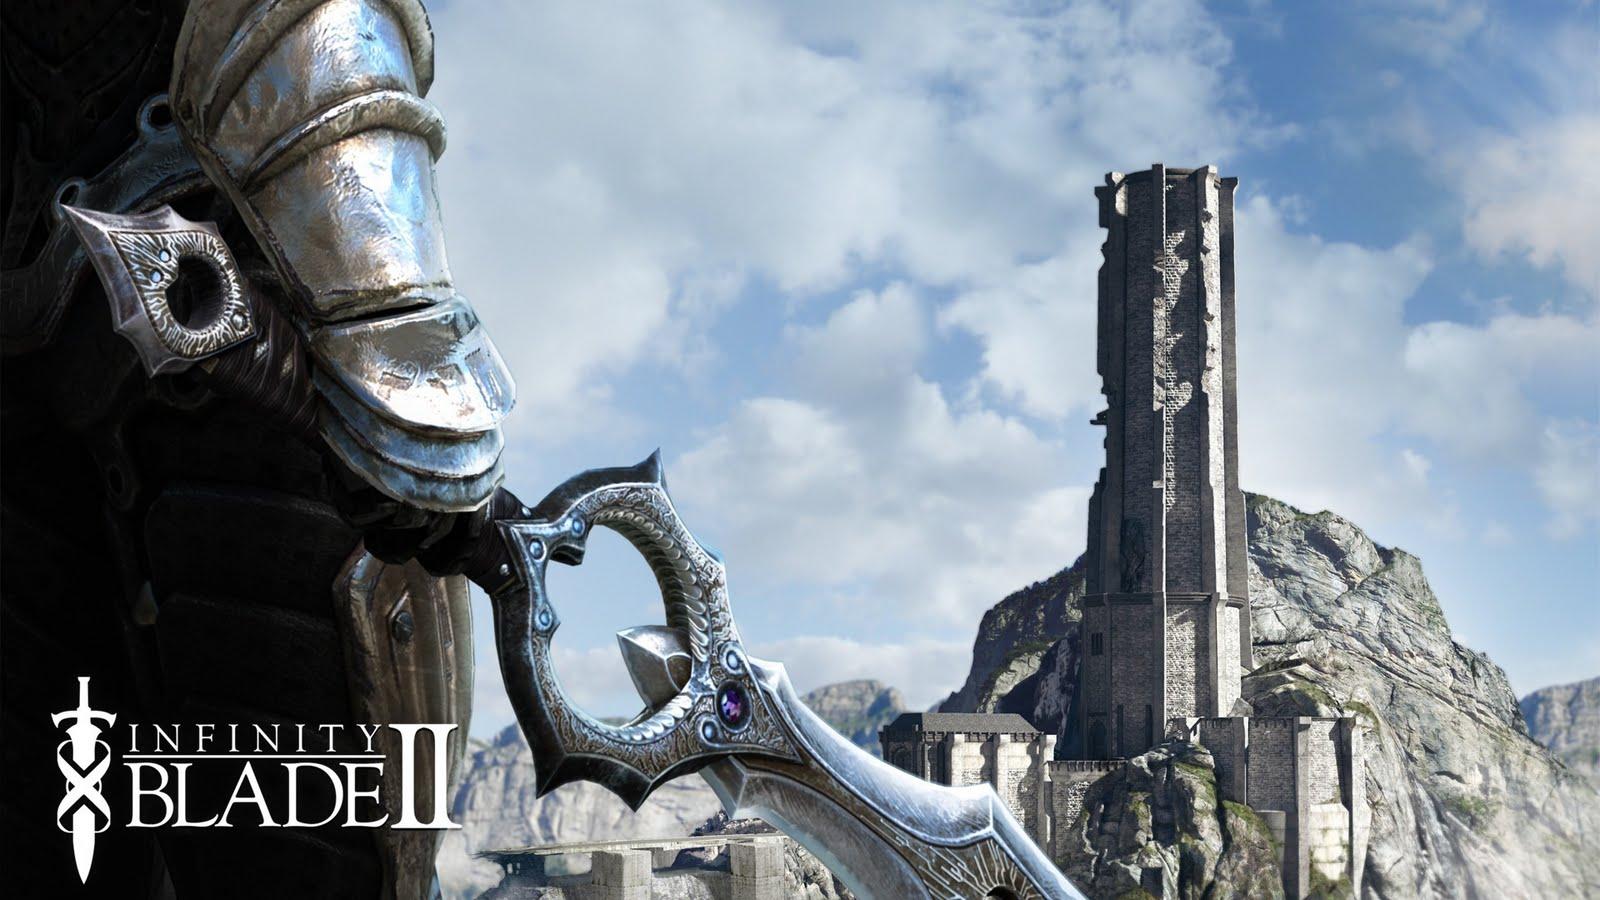 http://4.bp.blogspot.com/-SaxYWQQmPpU/Ts1a3c-XJuI/AAAAAAAAJJU/h3p2WQjqA3U/s1600/tower-wall-large.jpg